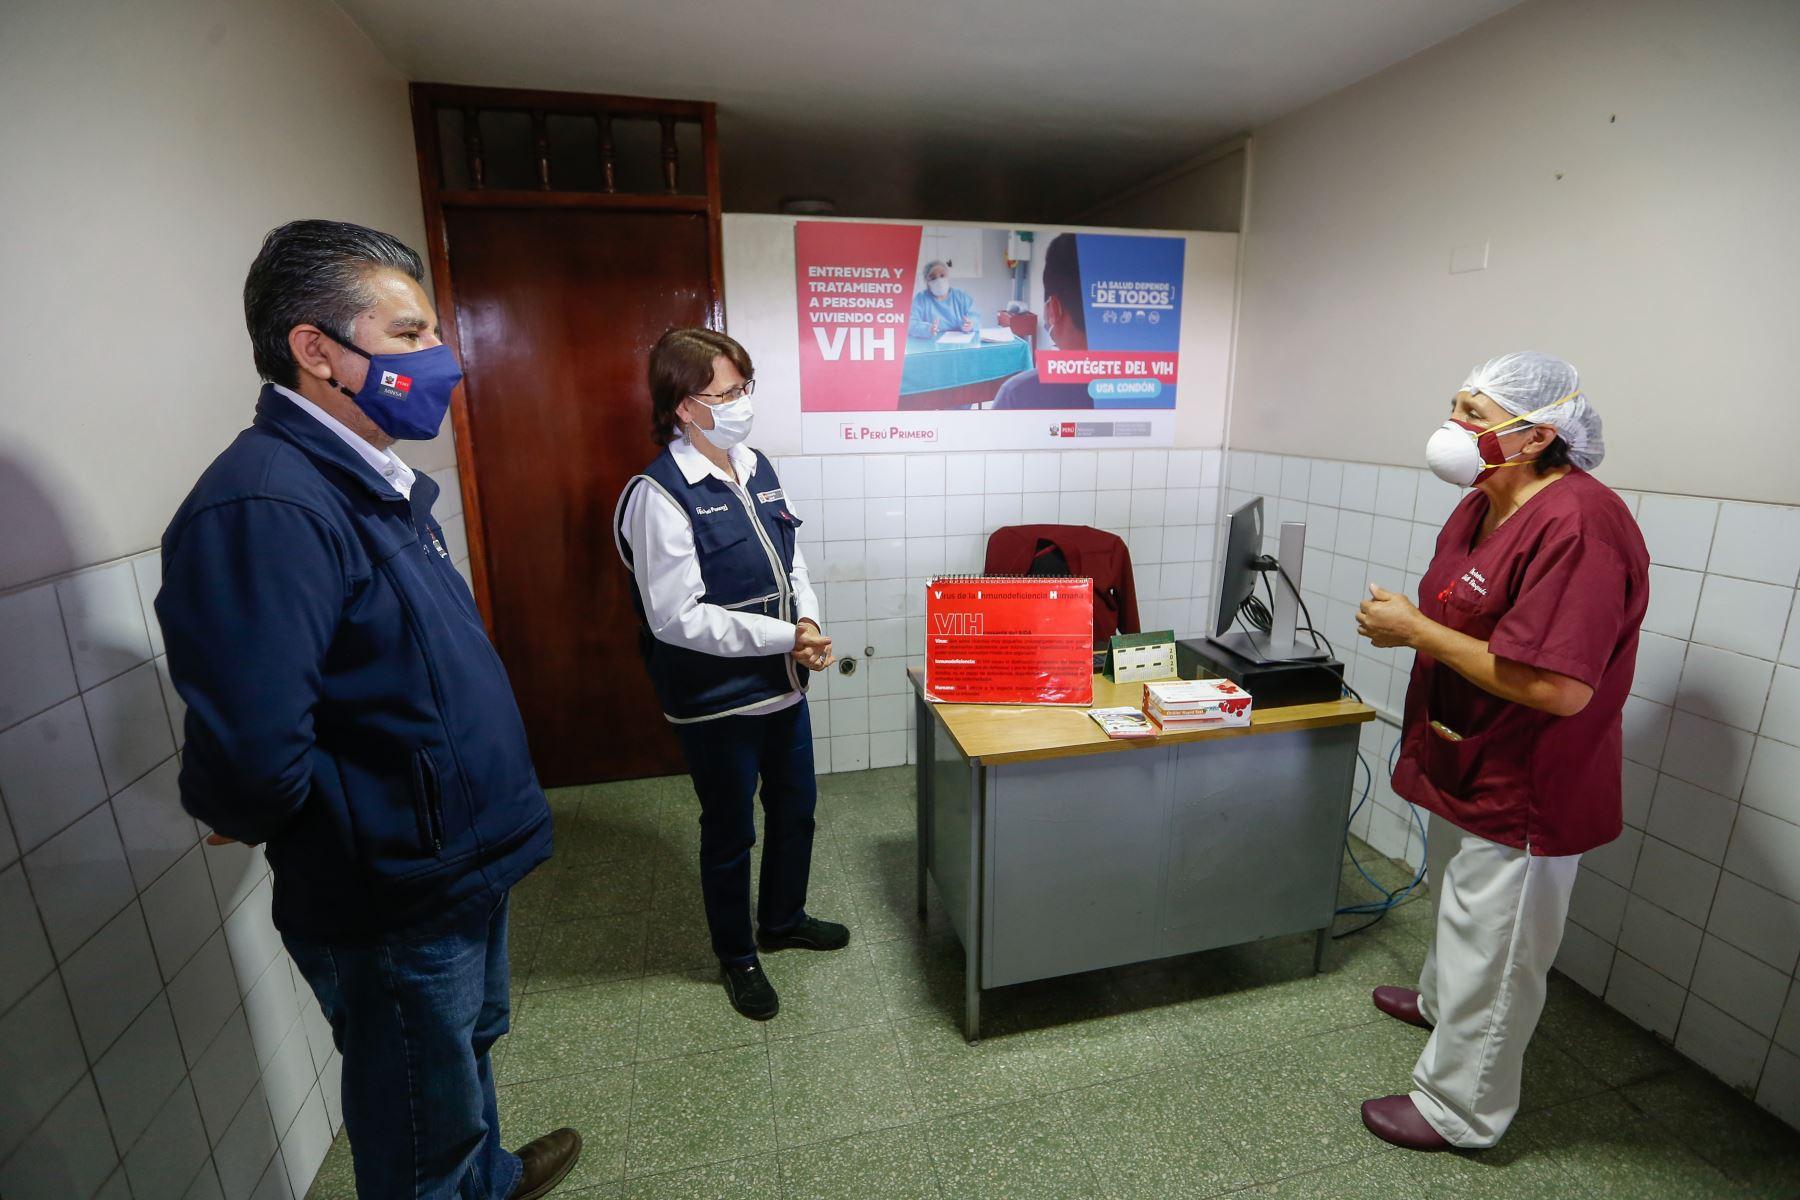 """Ministra de Salud, Pilar Mazzetti participa en la inauguración del Servicio de Tratamiento Antirretroviral (TARV) para atención a usuarios VIH Positivos en el Centro de Salud """"MOYOPAMPA"""" en Chosica. Foto: Minsa"""